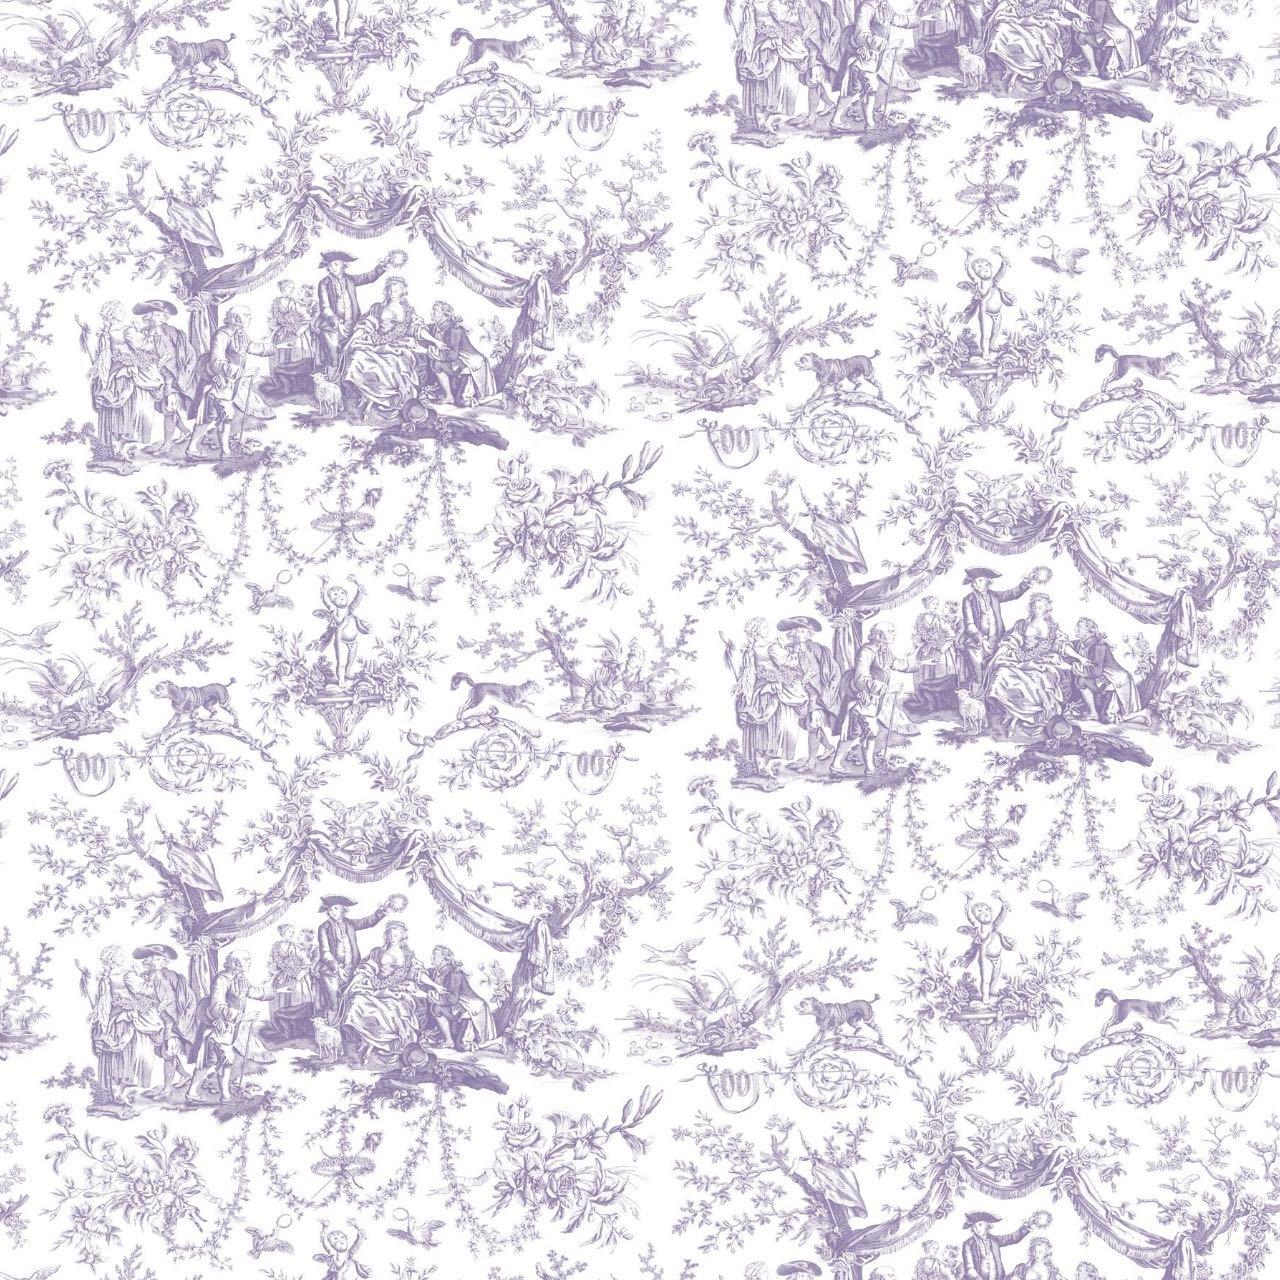 フランス壁紙 フリース(不織布) トワル・ド・ジュイ デザイン 《バラ冠を受ける少女》 パープル